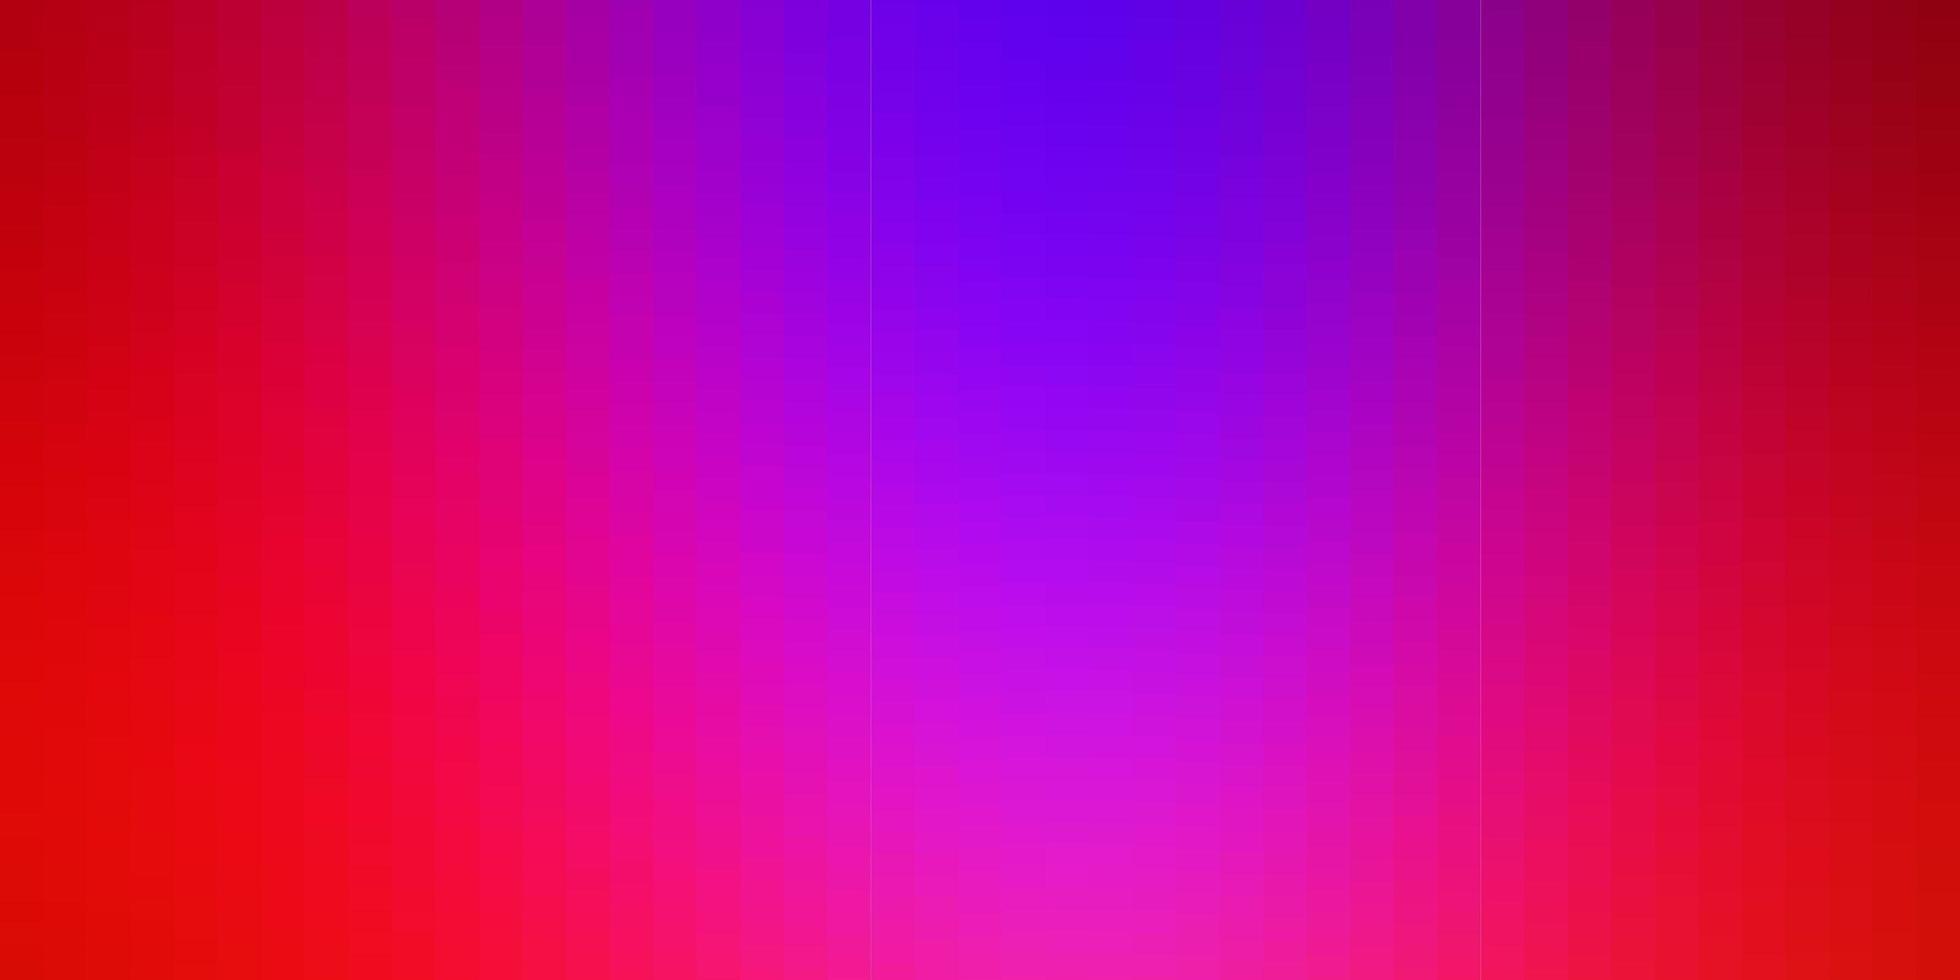 donkerroze, rode vectorachtergrond met rechthoeken. vector